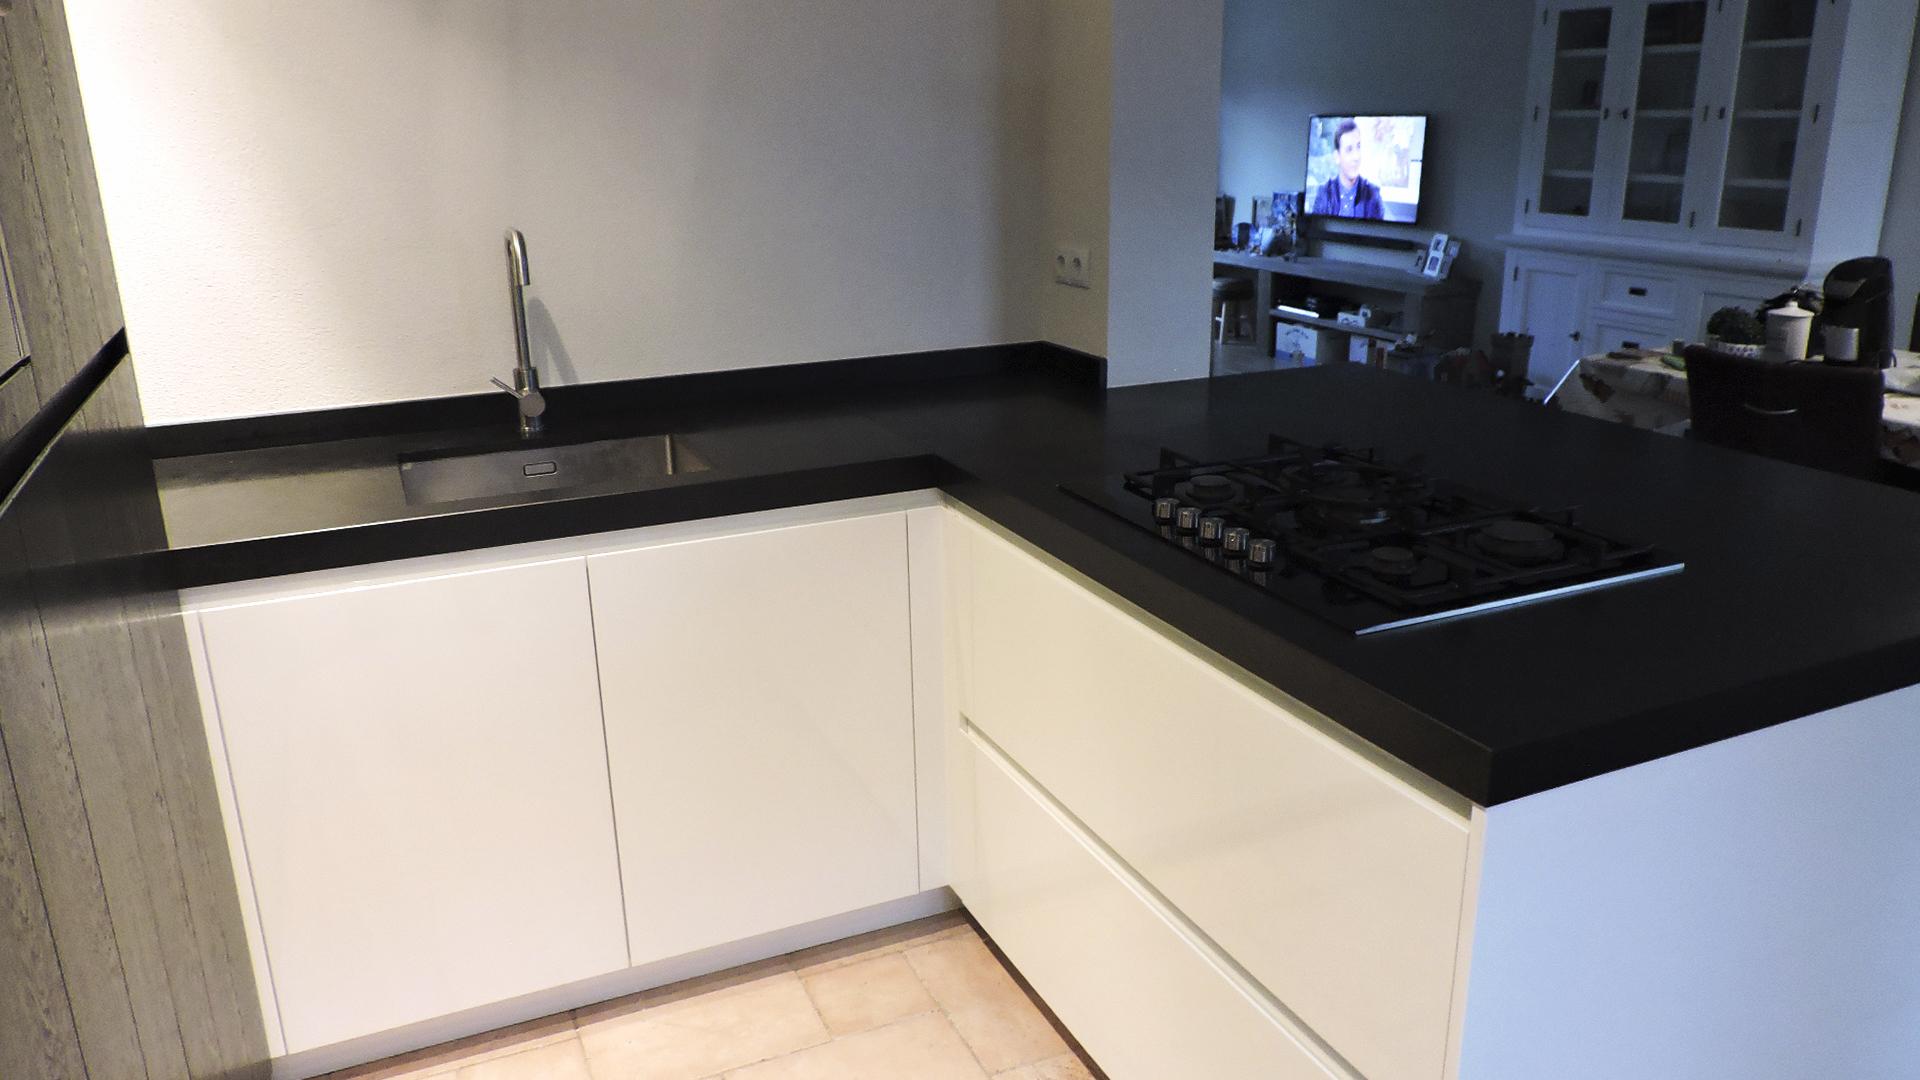 Moderne Greeploze Keuken : Moderne greeploze keuken donkergrijs met wit van doren